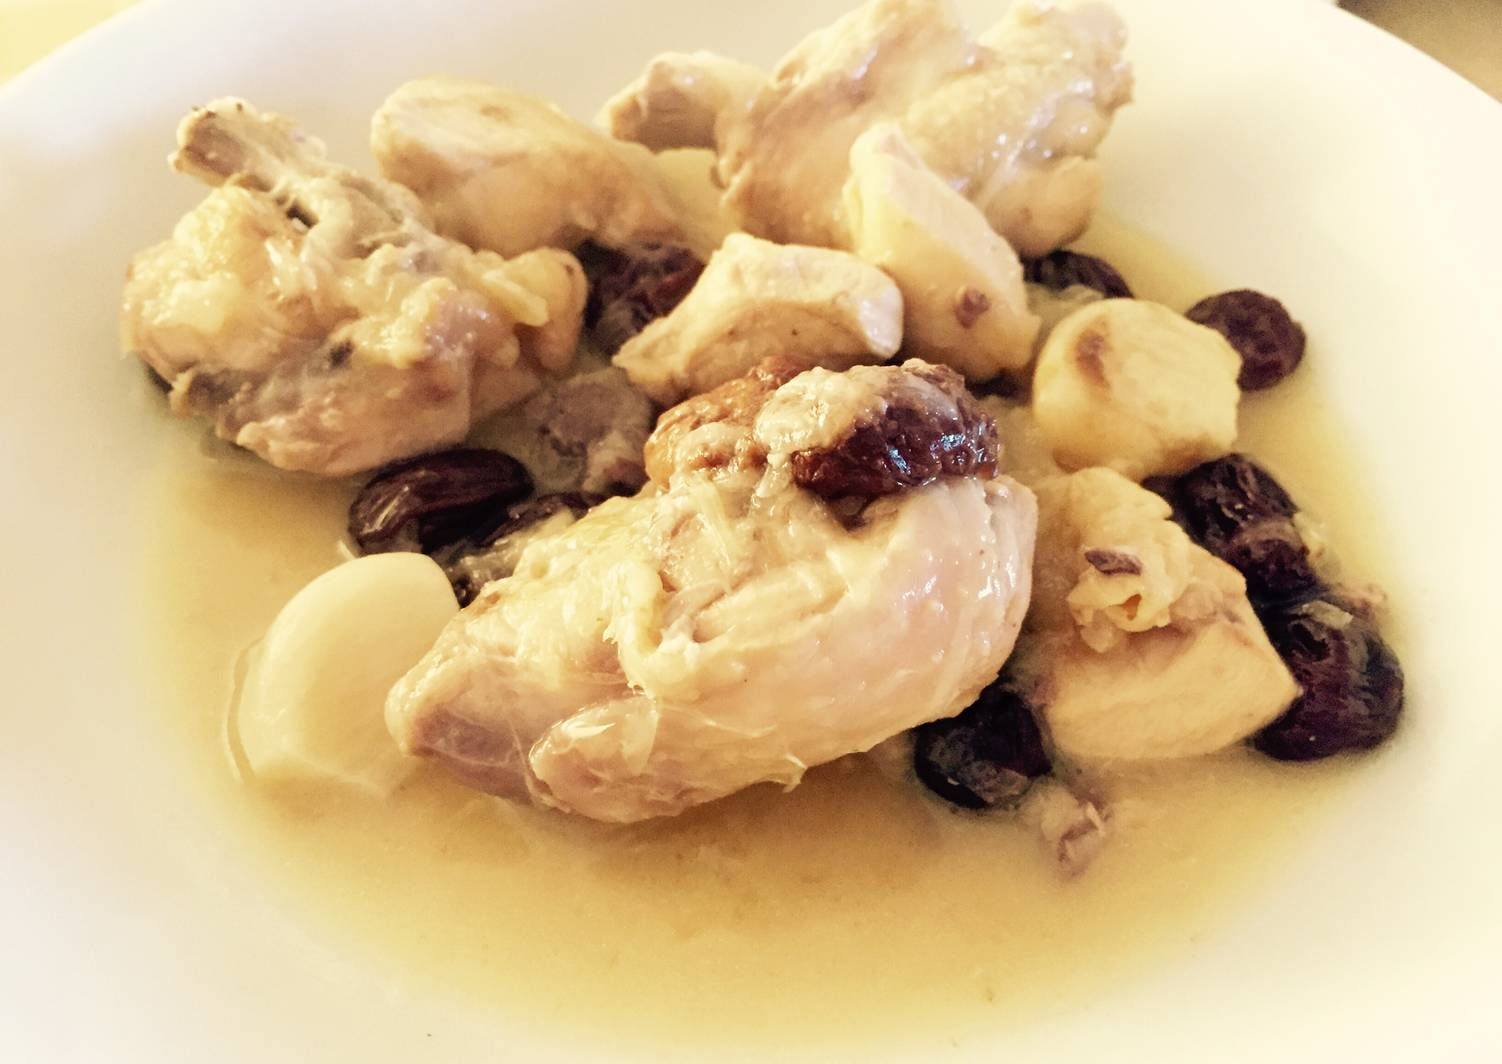 Pollo Con Vino Blanco Y Cebolla Receta De Marieta Receta Pollo Con Vino Blanco Pollo Recetas